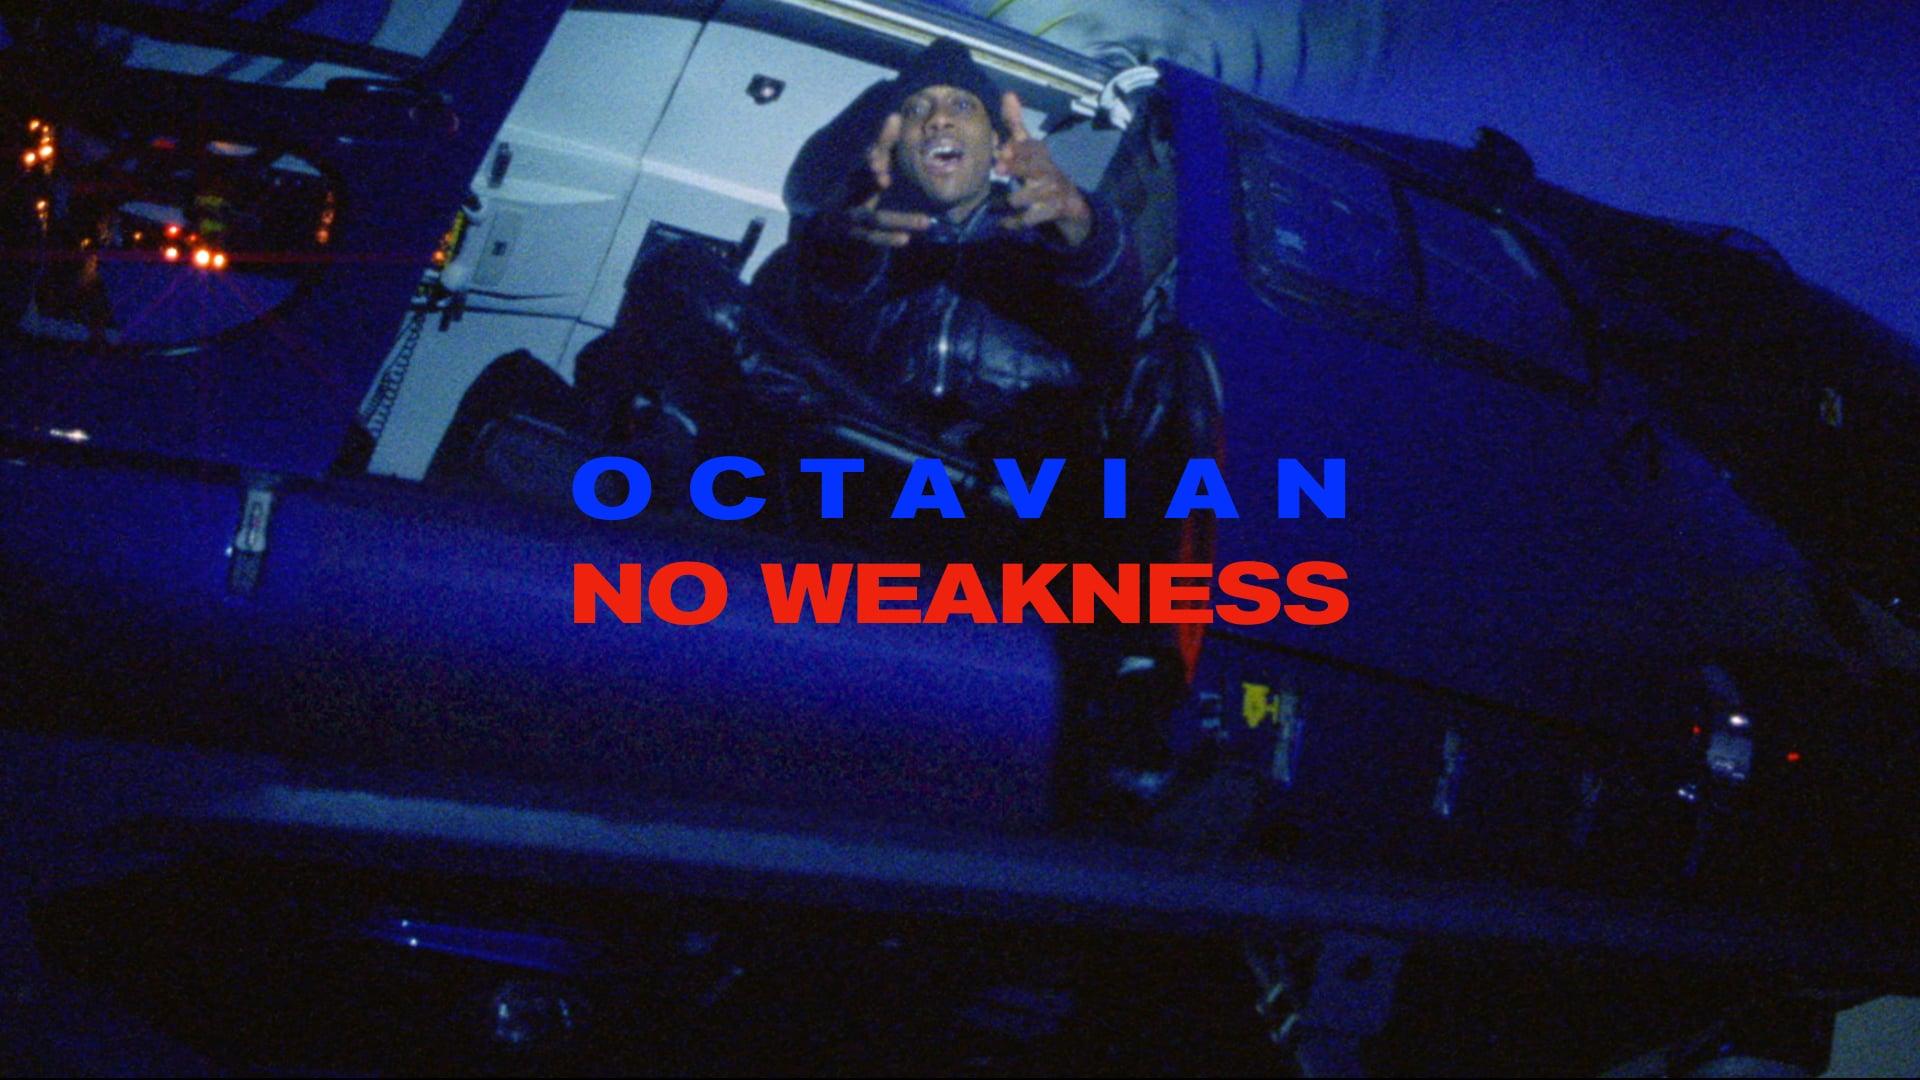 OCTAVIAN - NO WEAKNESS